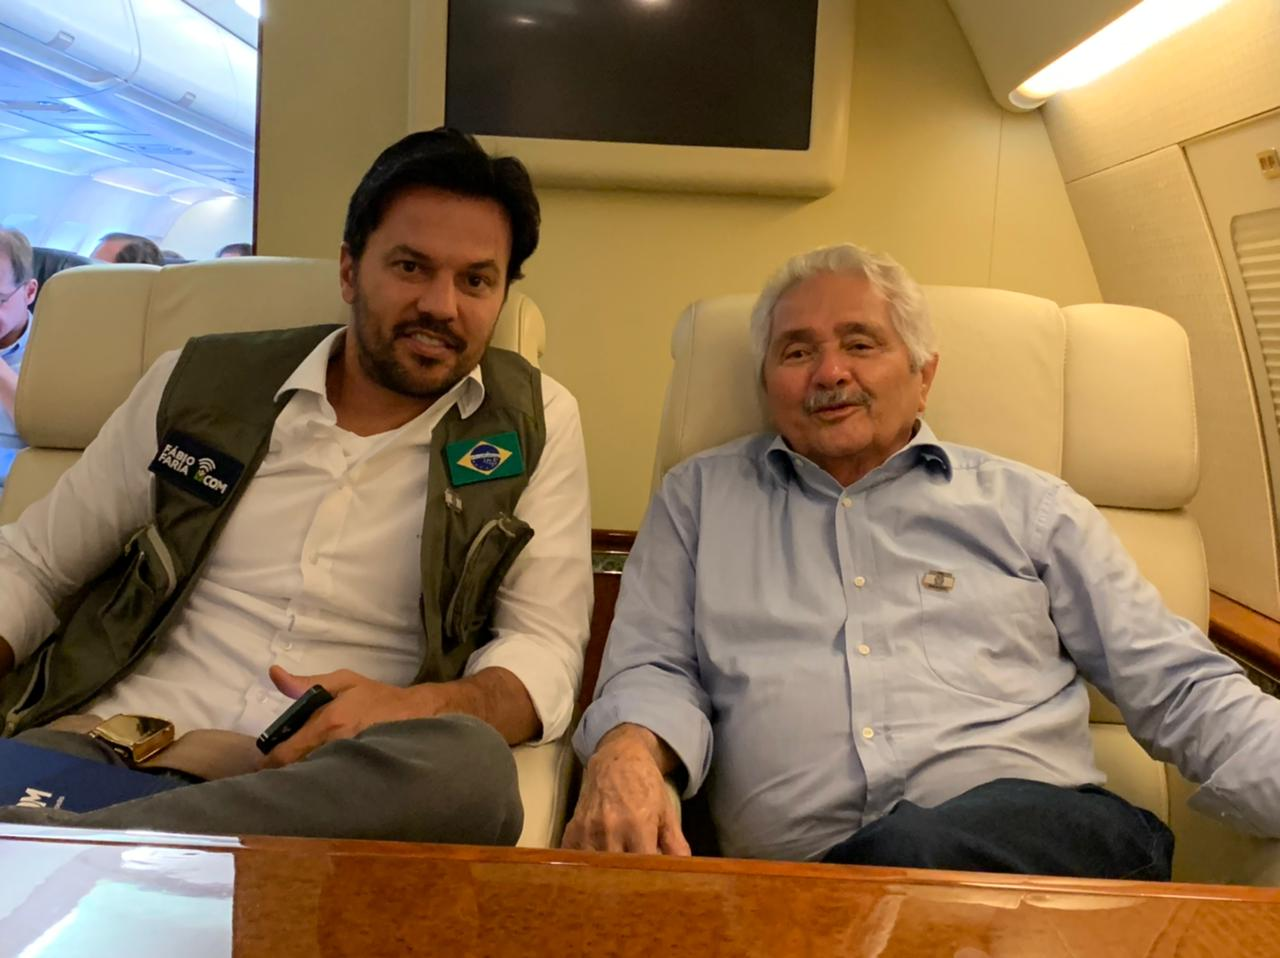 Elmano Férrer feliz da vida com Bolsonaro e Tarcísio de Freitas  - Imagem 2